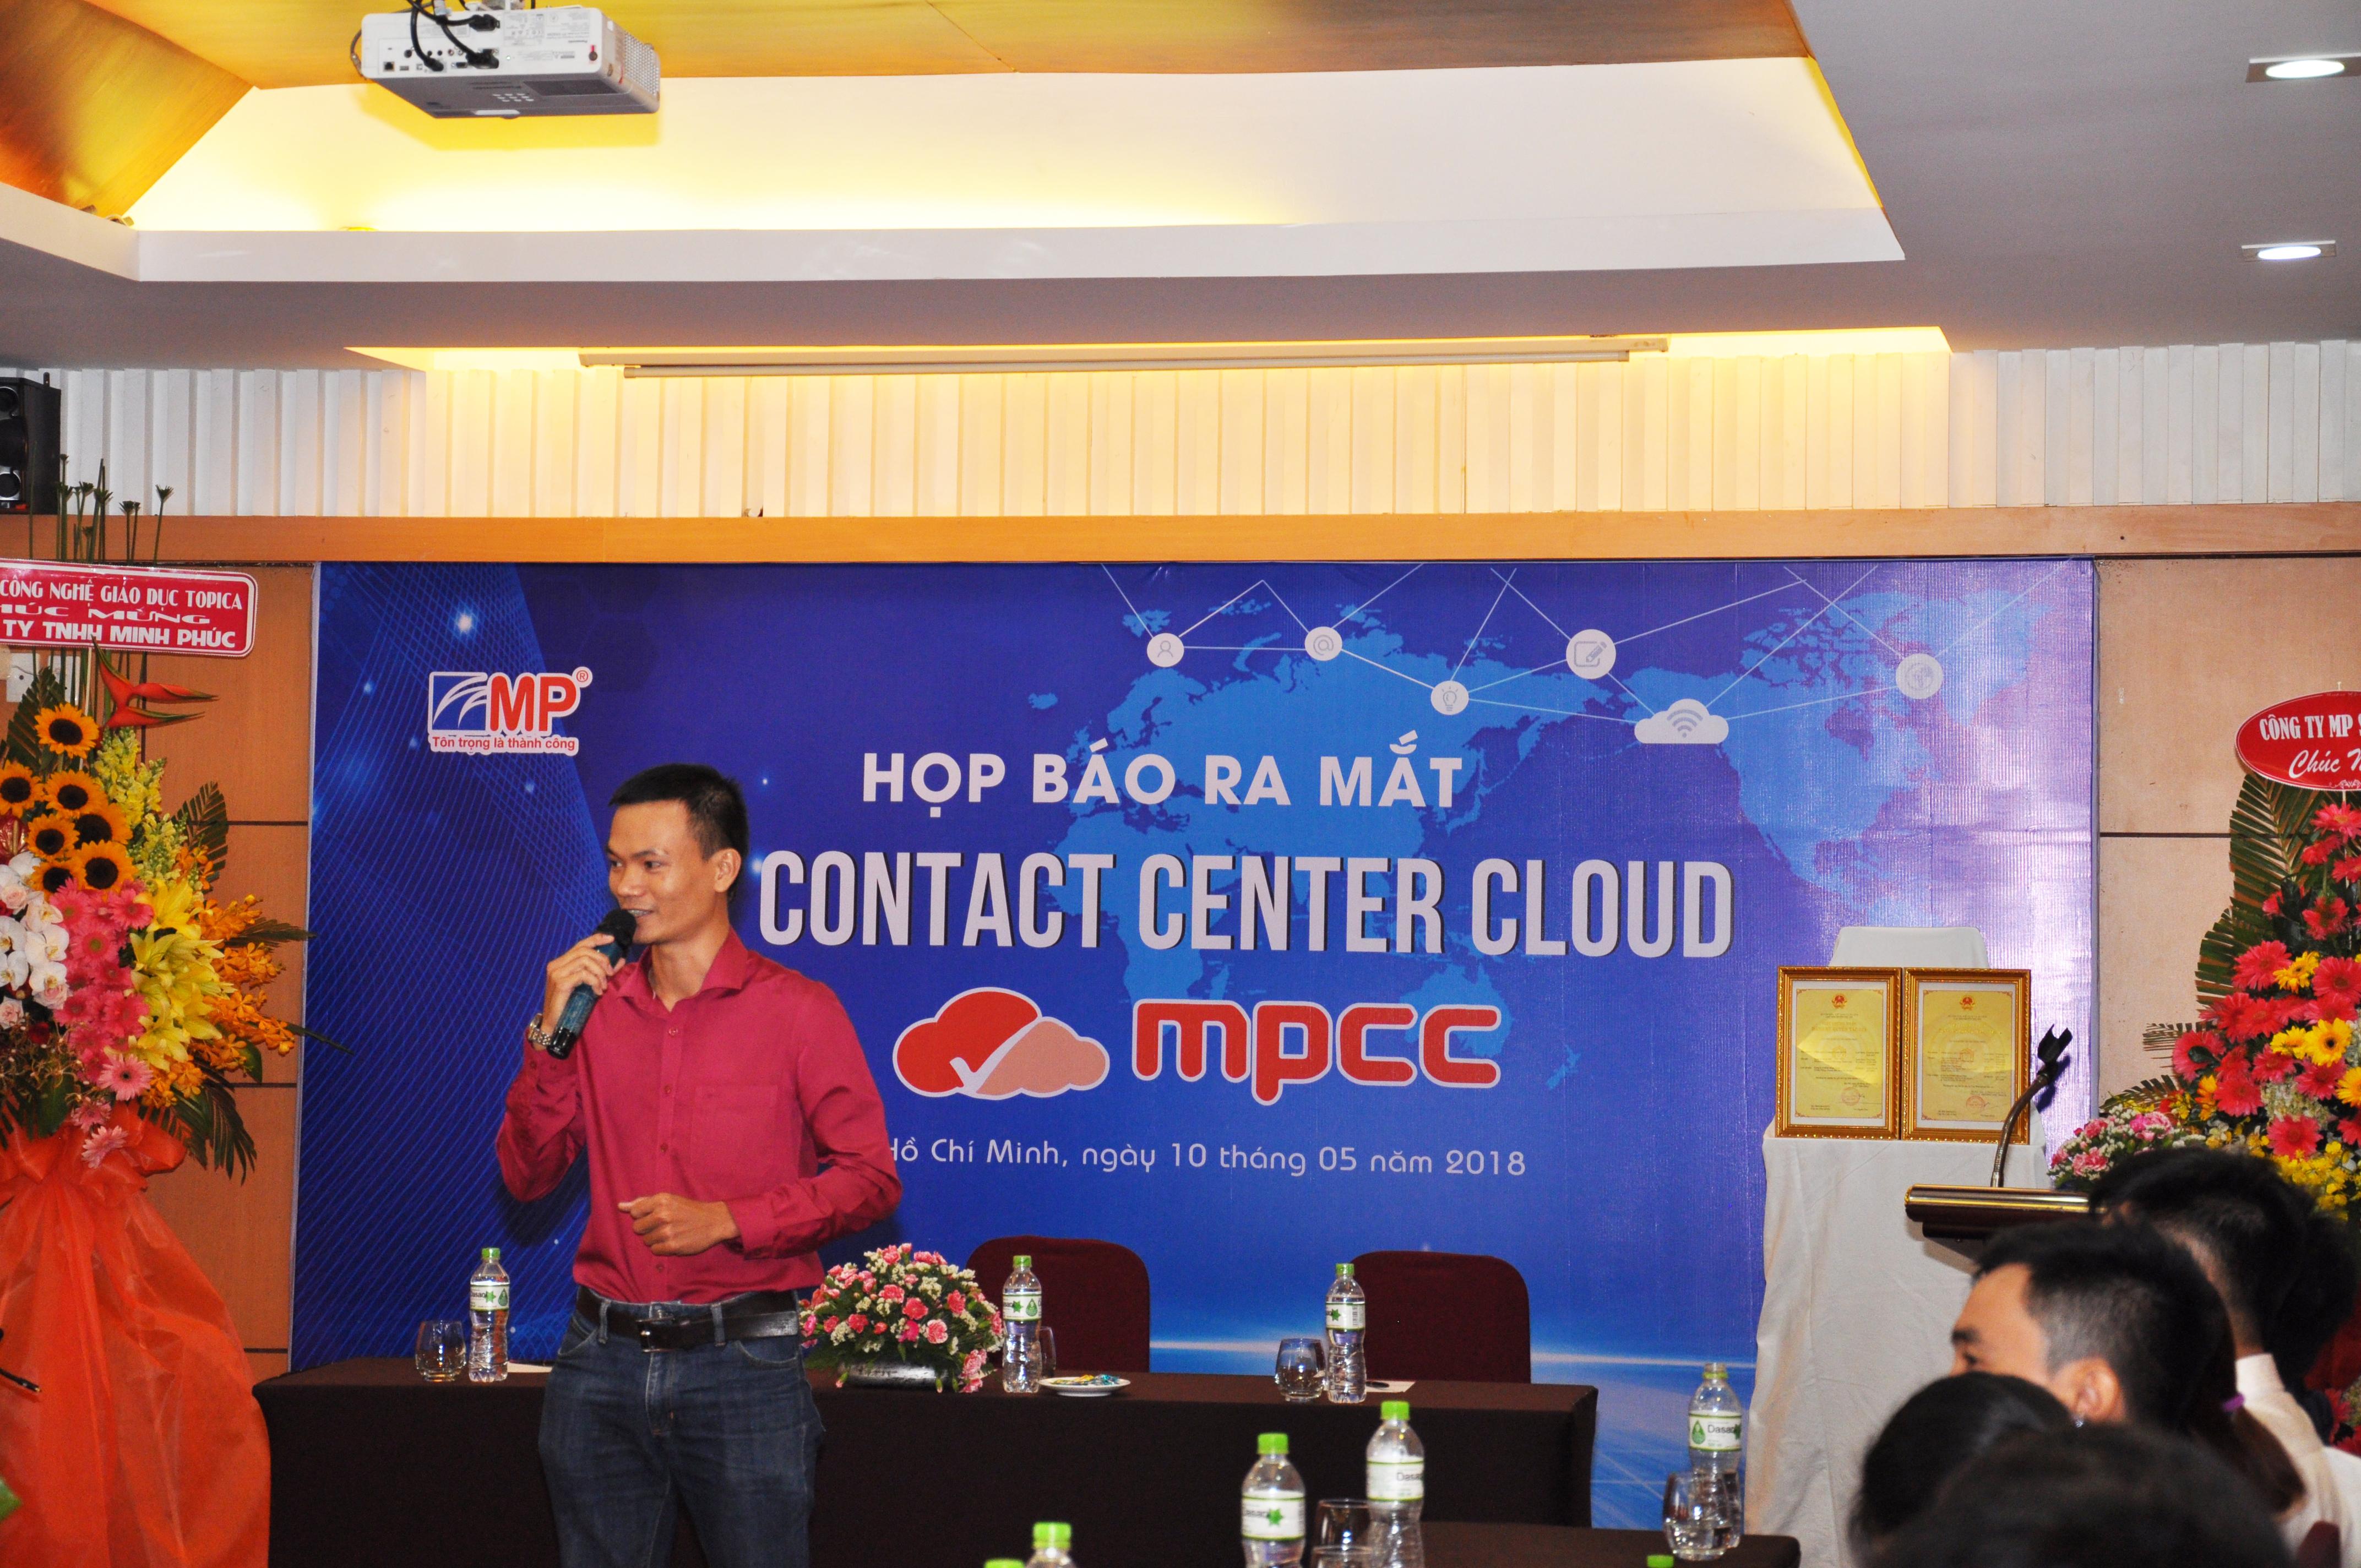 Anh Nguyễn Đăng Hoàng Sơn – Giám đốc Công ty Zaloka